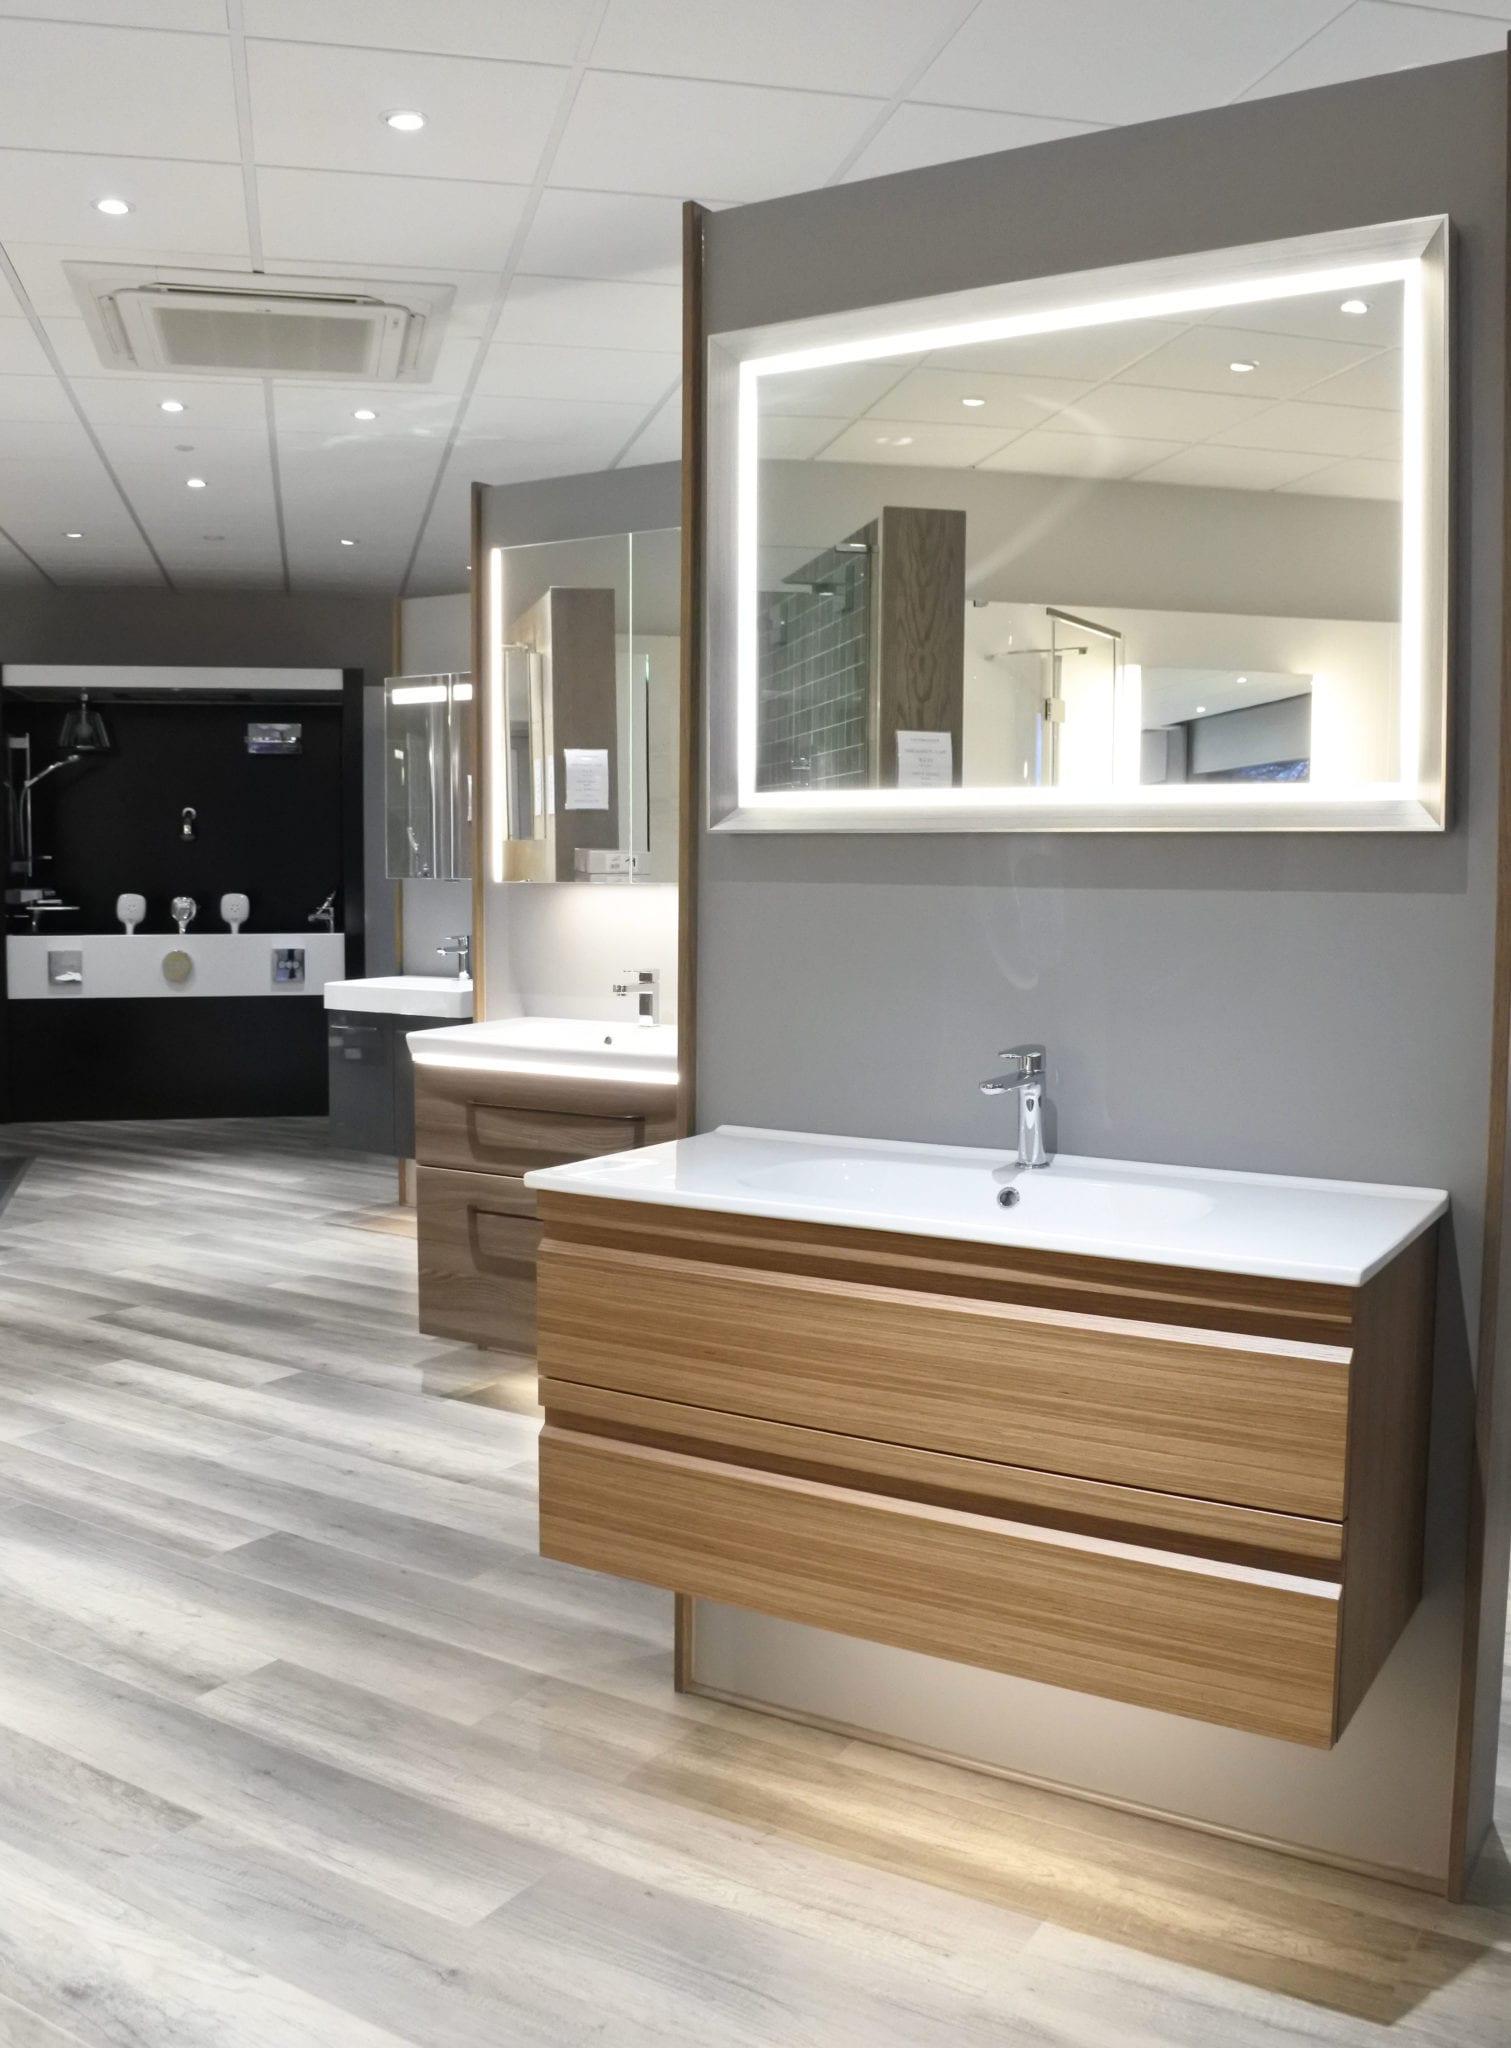 100 salle bains villeroy boch les clairages led for Villeroy et boch salle de bain showroom